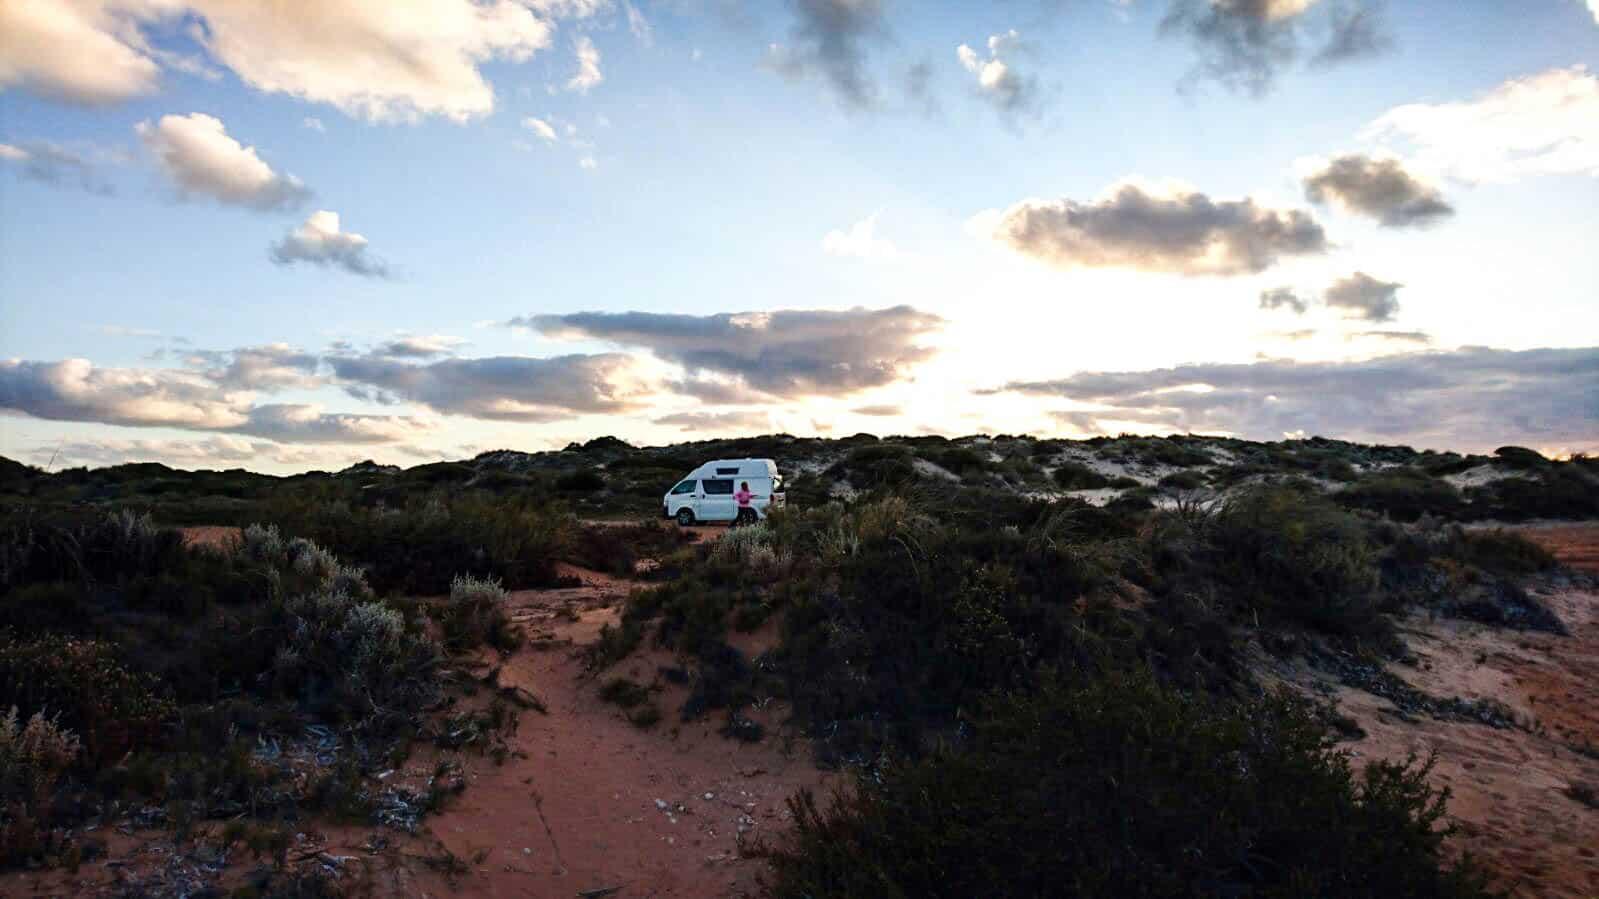 Wildkamperen in Australie